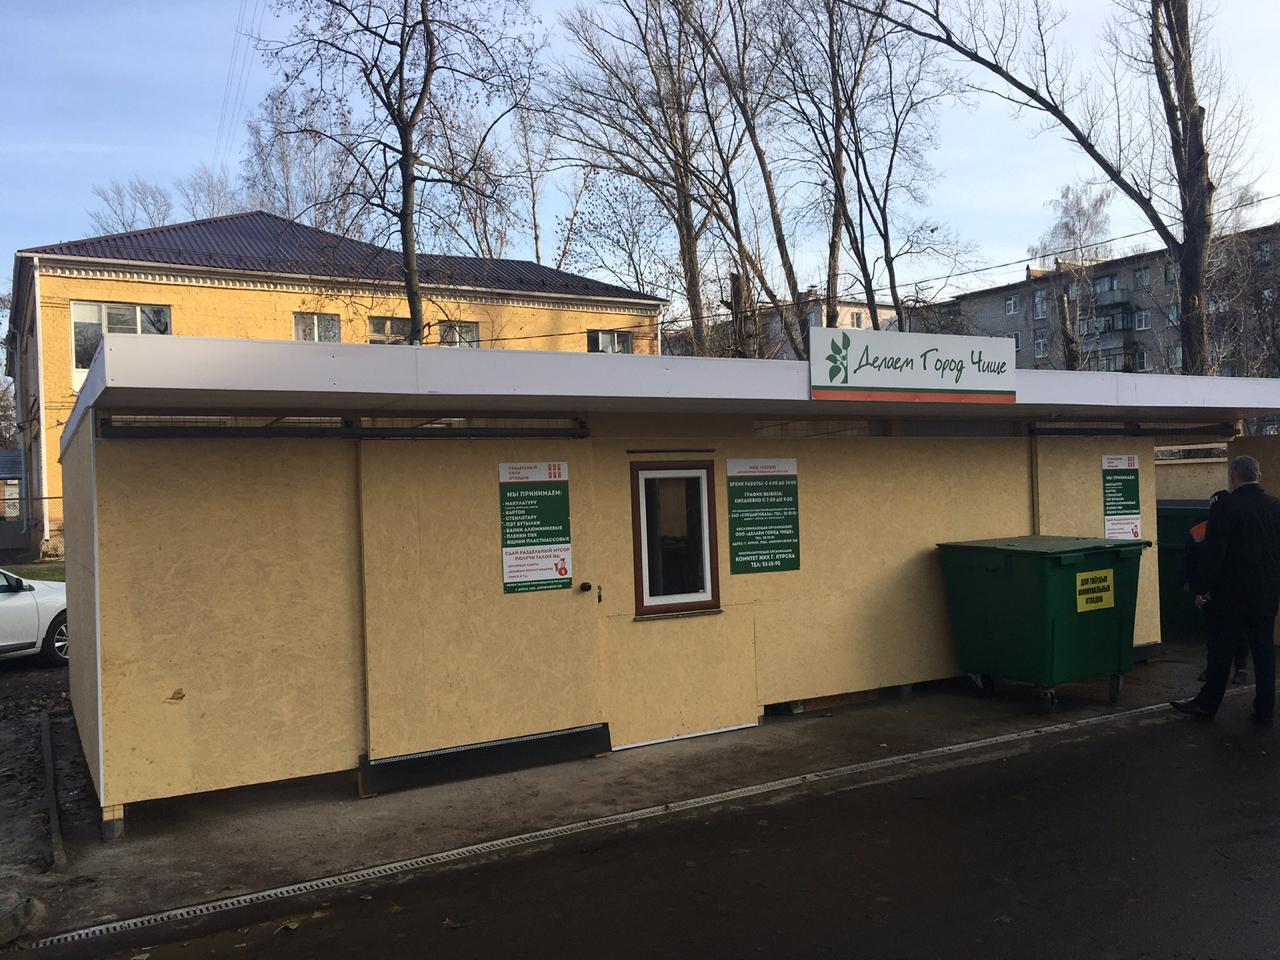 В Курске появилась закрытая контейнерная площадка нового типа